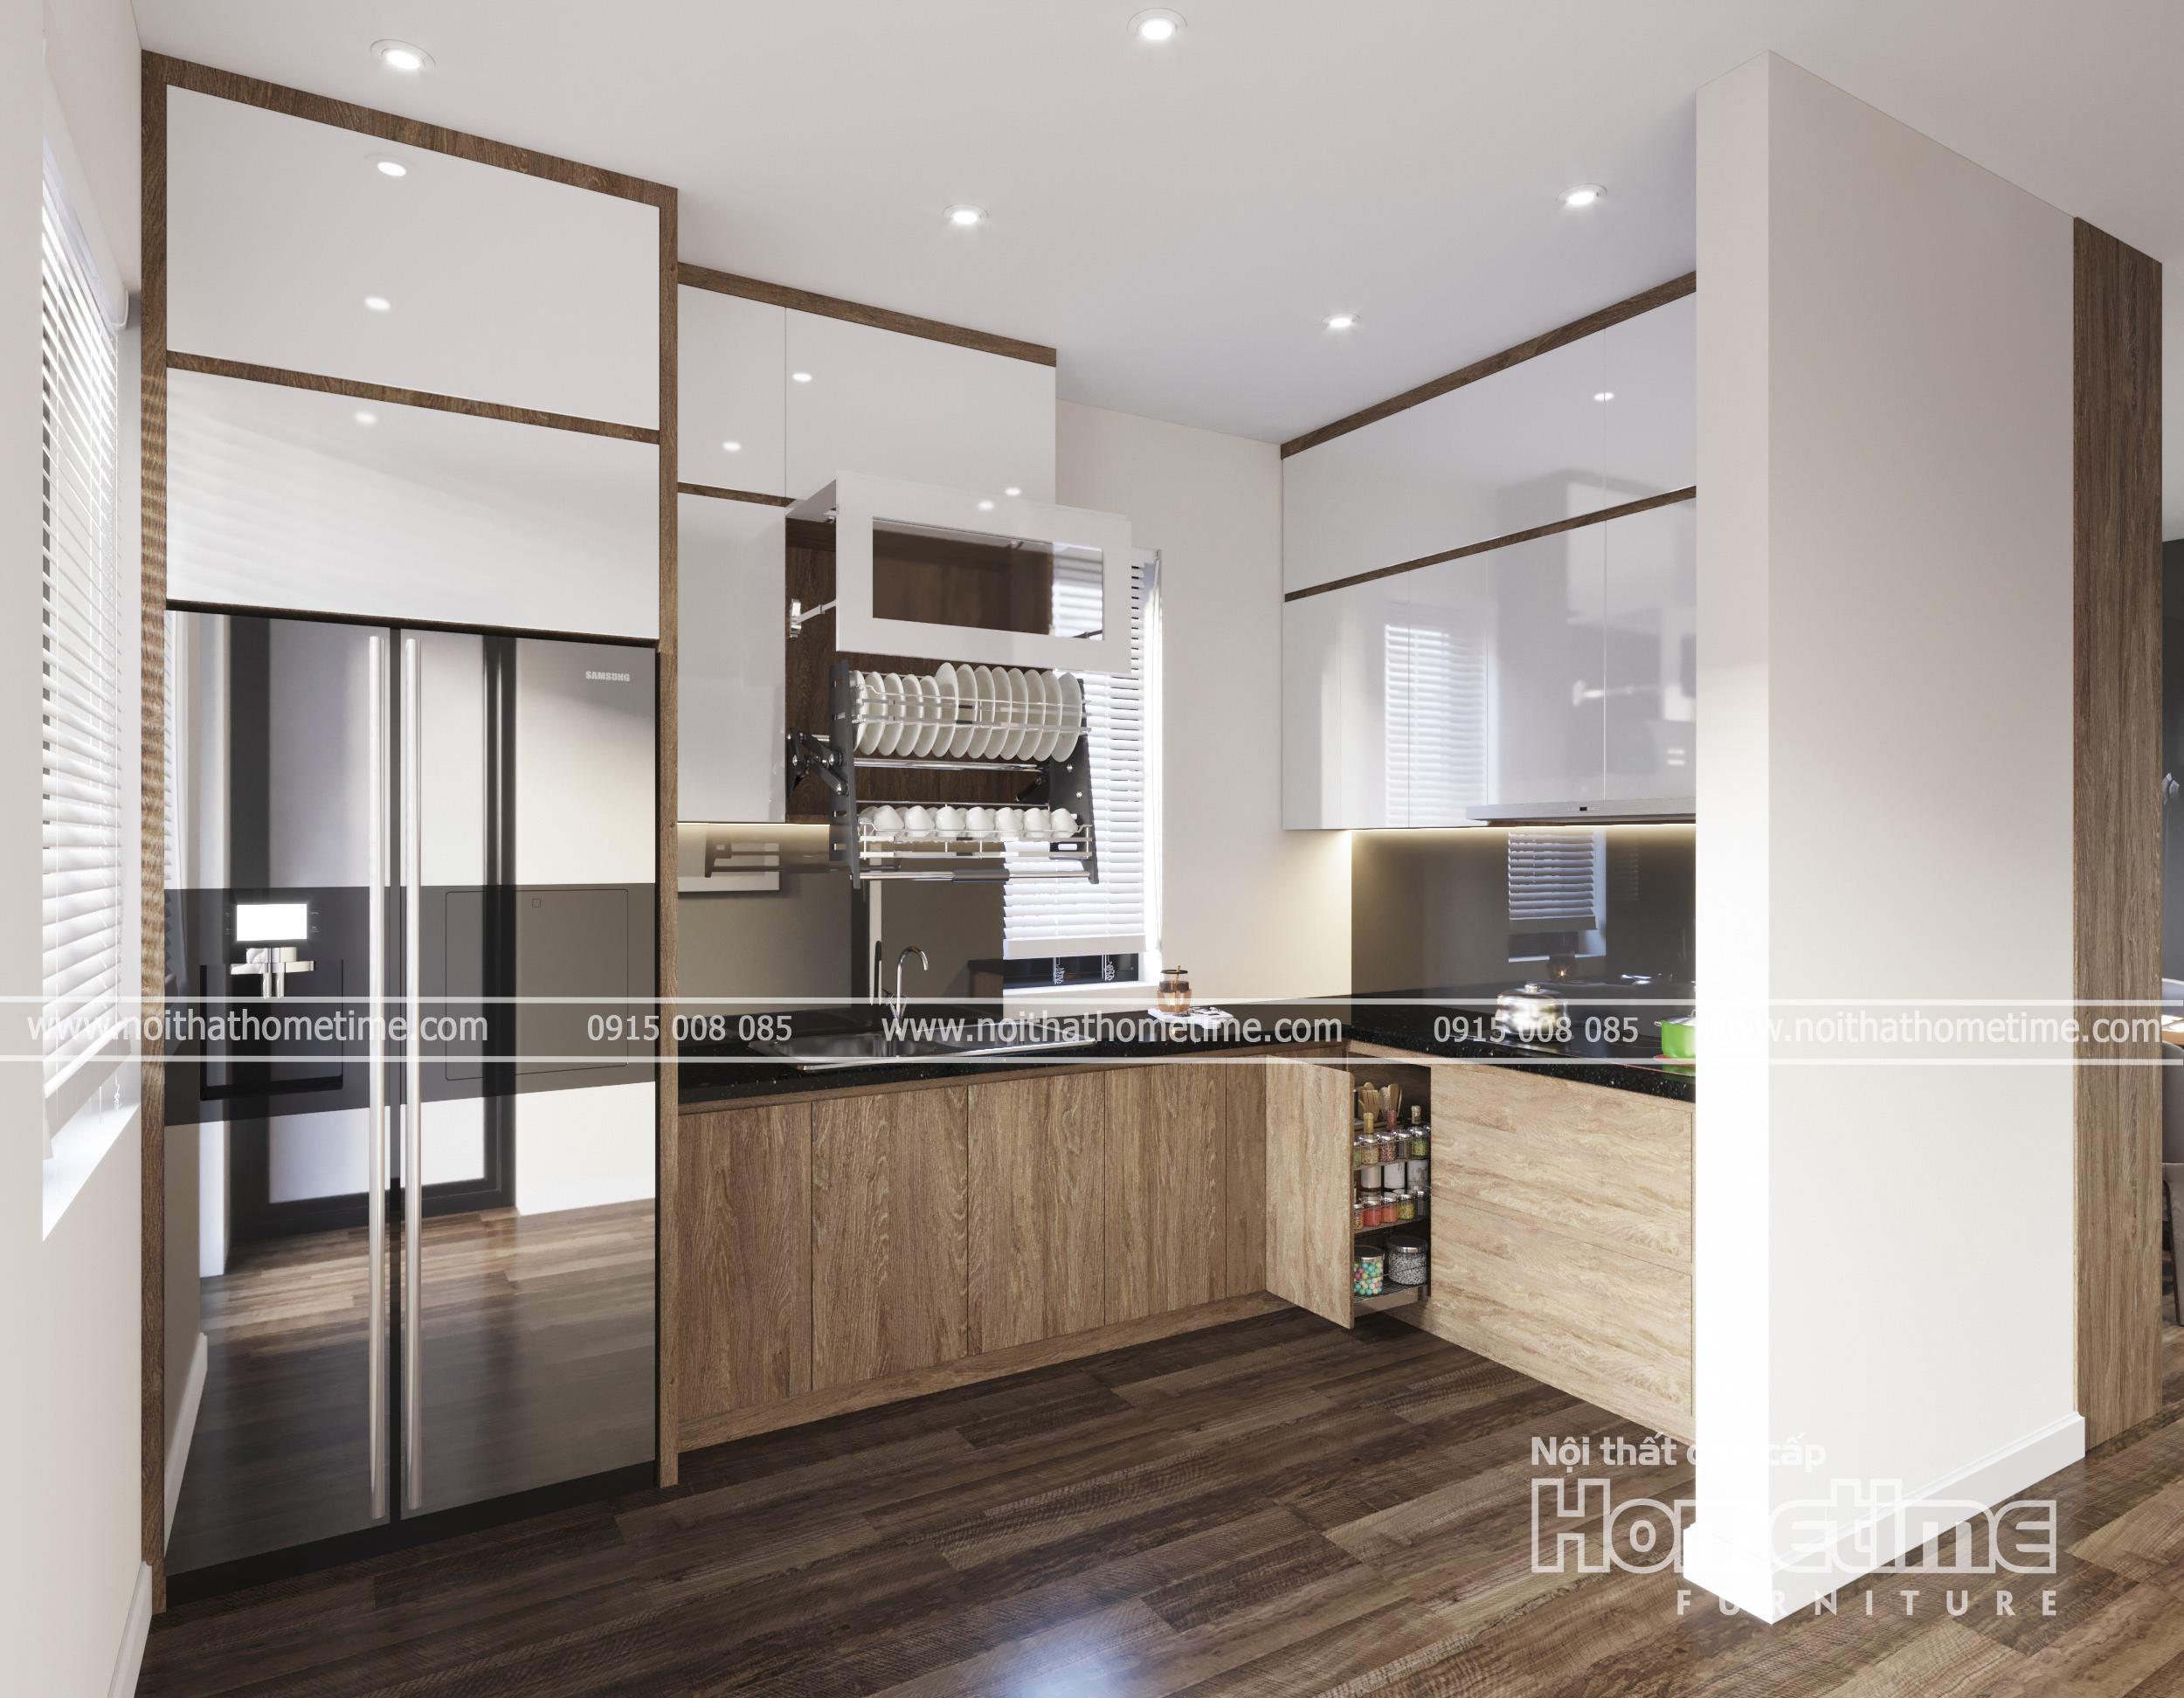 Tủ bếp nhựa nhỏ xinh cho căn hộ chung cư Hải Phòng